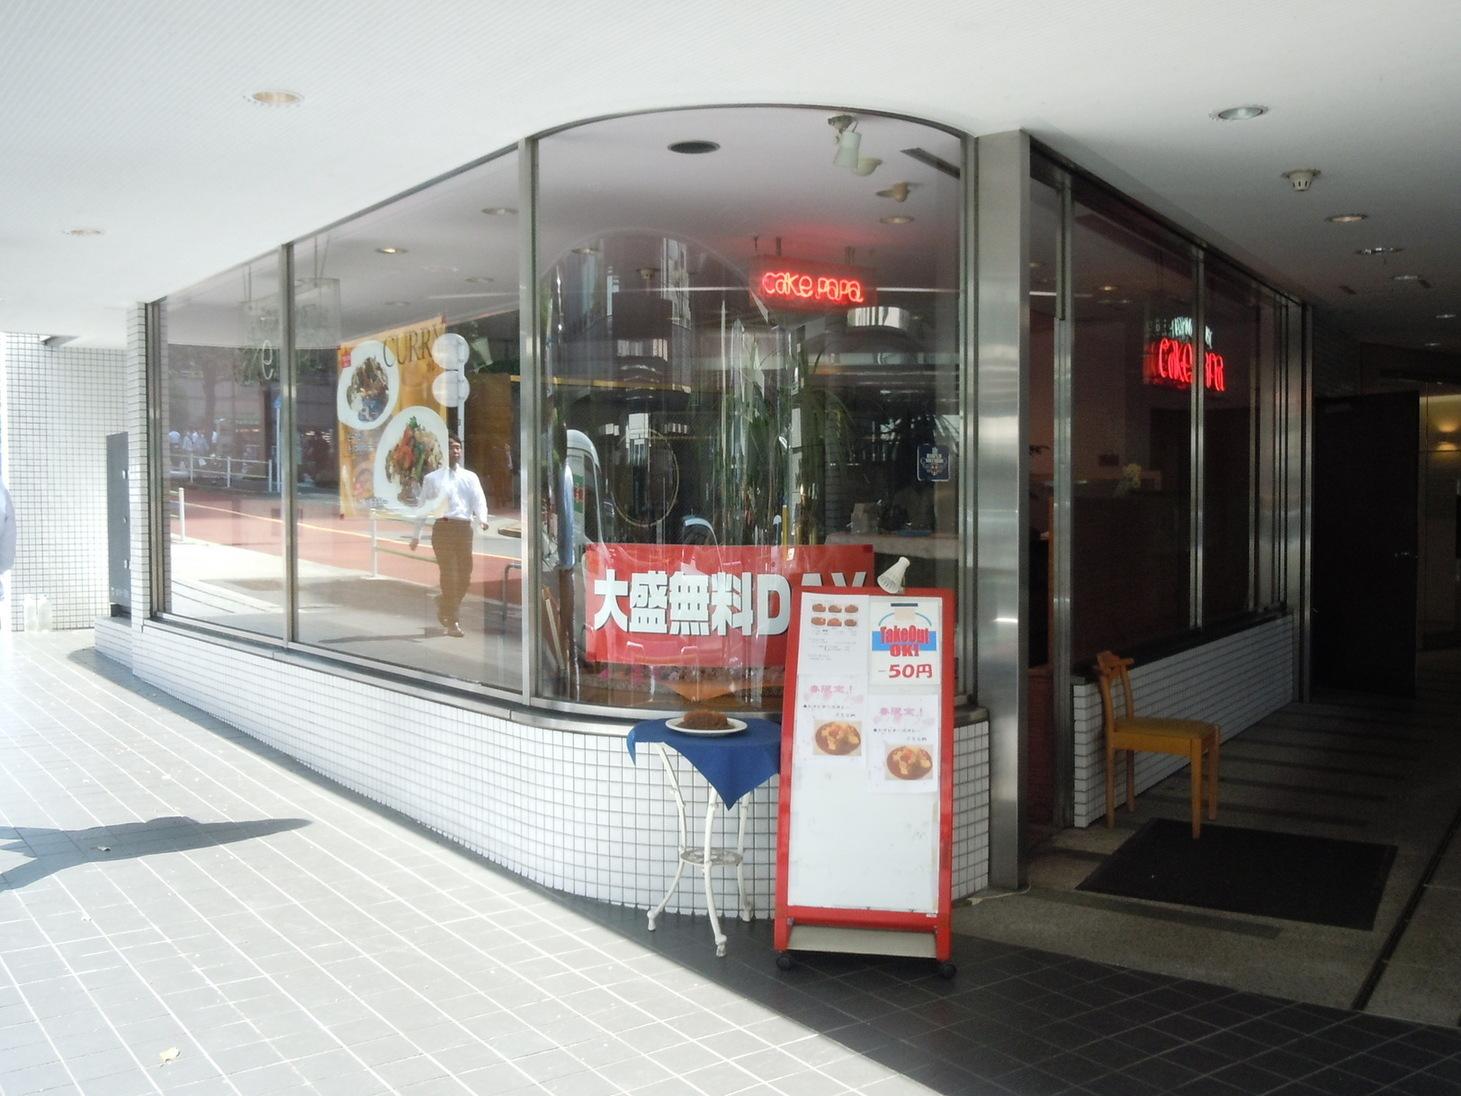 神谷町ケーキパパ外観